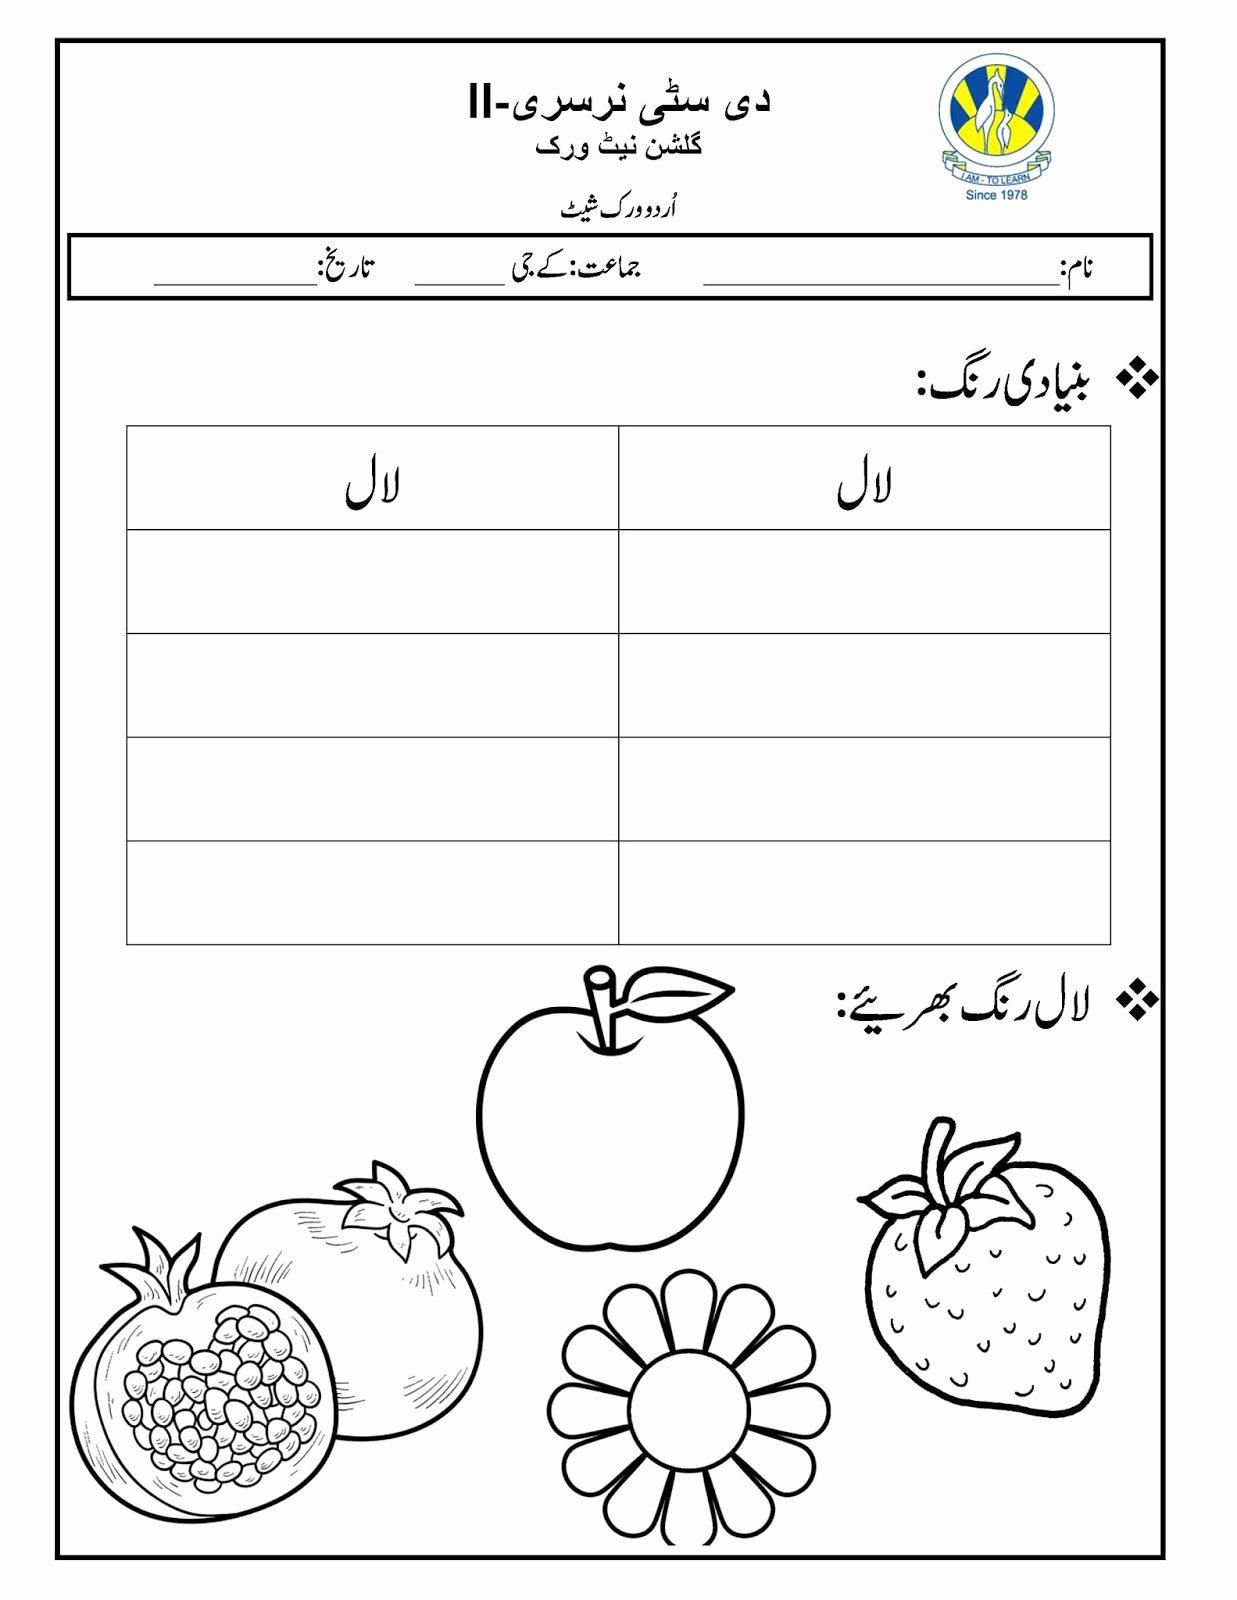 Urdu Worksheets for Preschoolers Lovely the City School Worksheets Urdu Printable and Percentage for